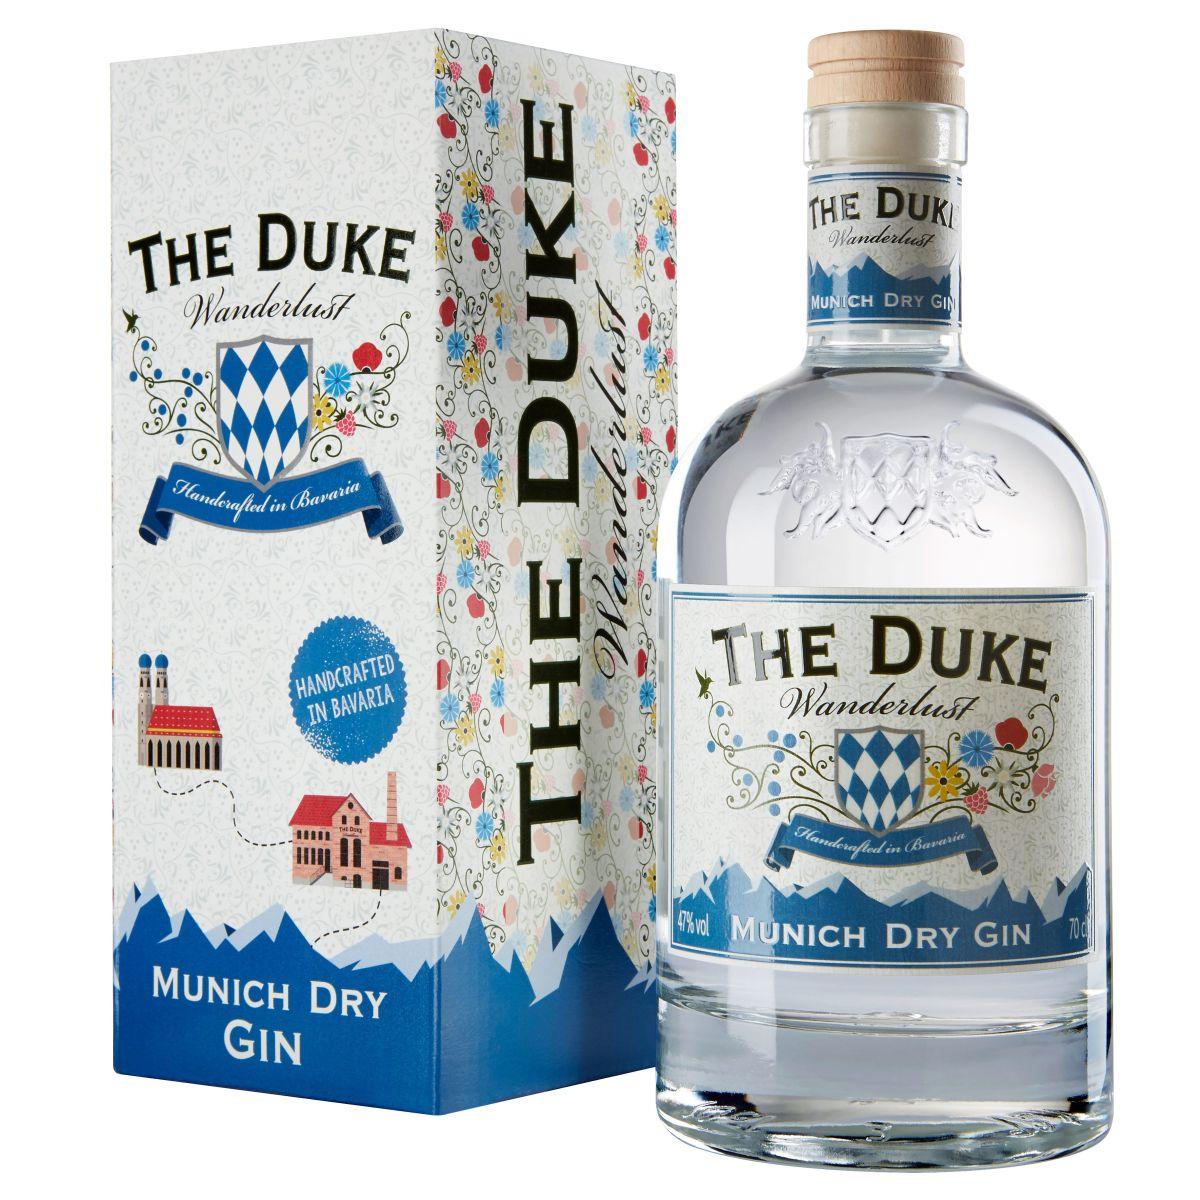 THE DUKE Wanderlust Gin 0,7l mit Geschenkkarton Freisteller